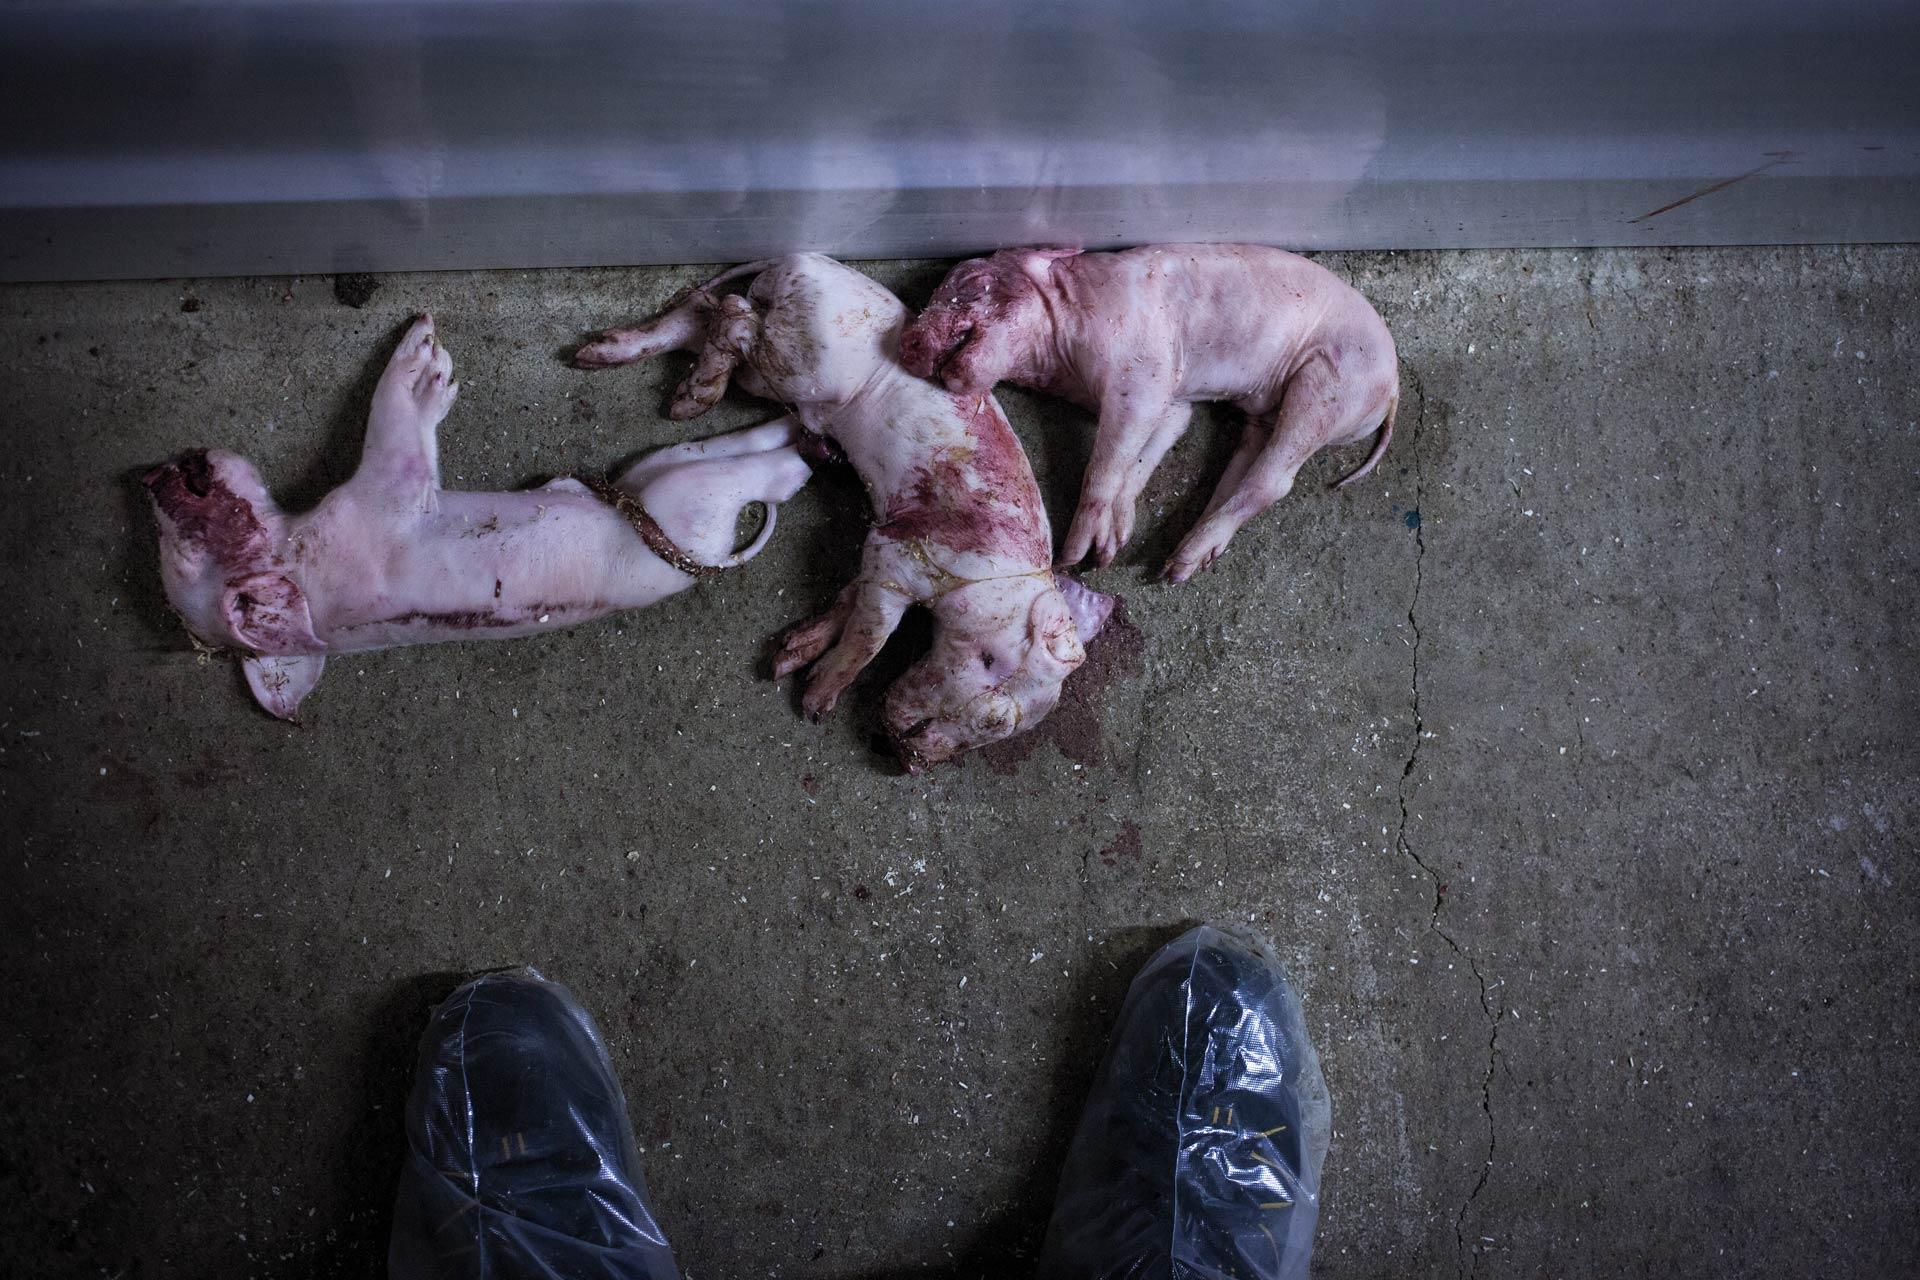 timo-stammberger-massentierhaltung-mastanlage-factory-farming-schweine-pigs-animal-rights_11